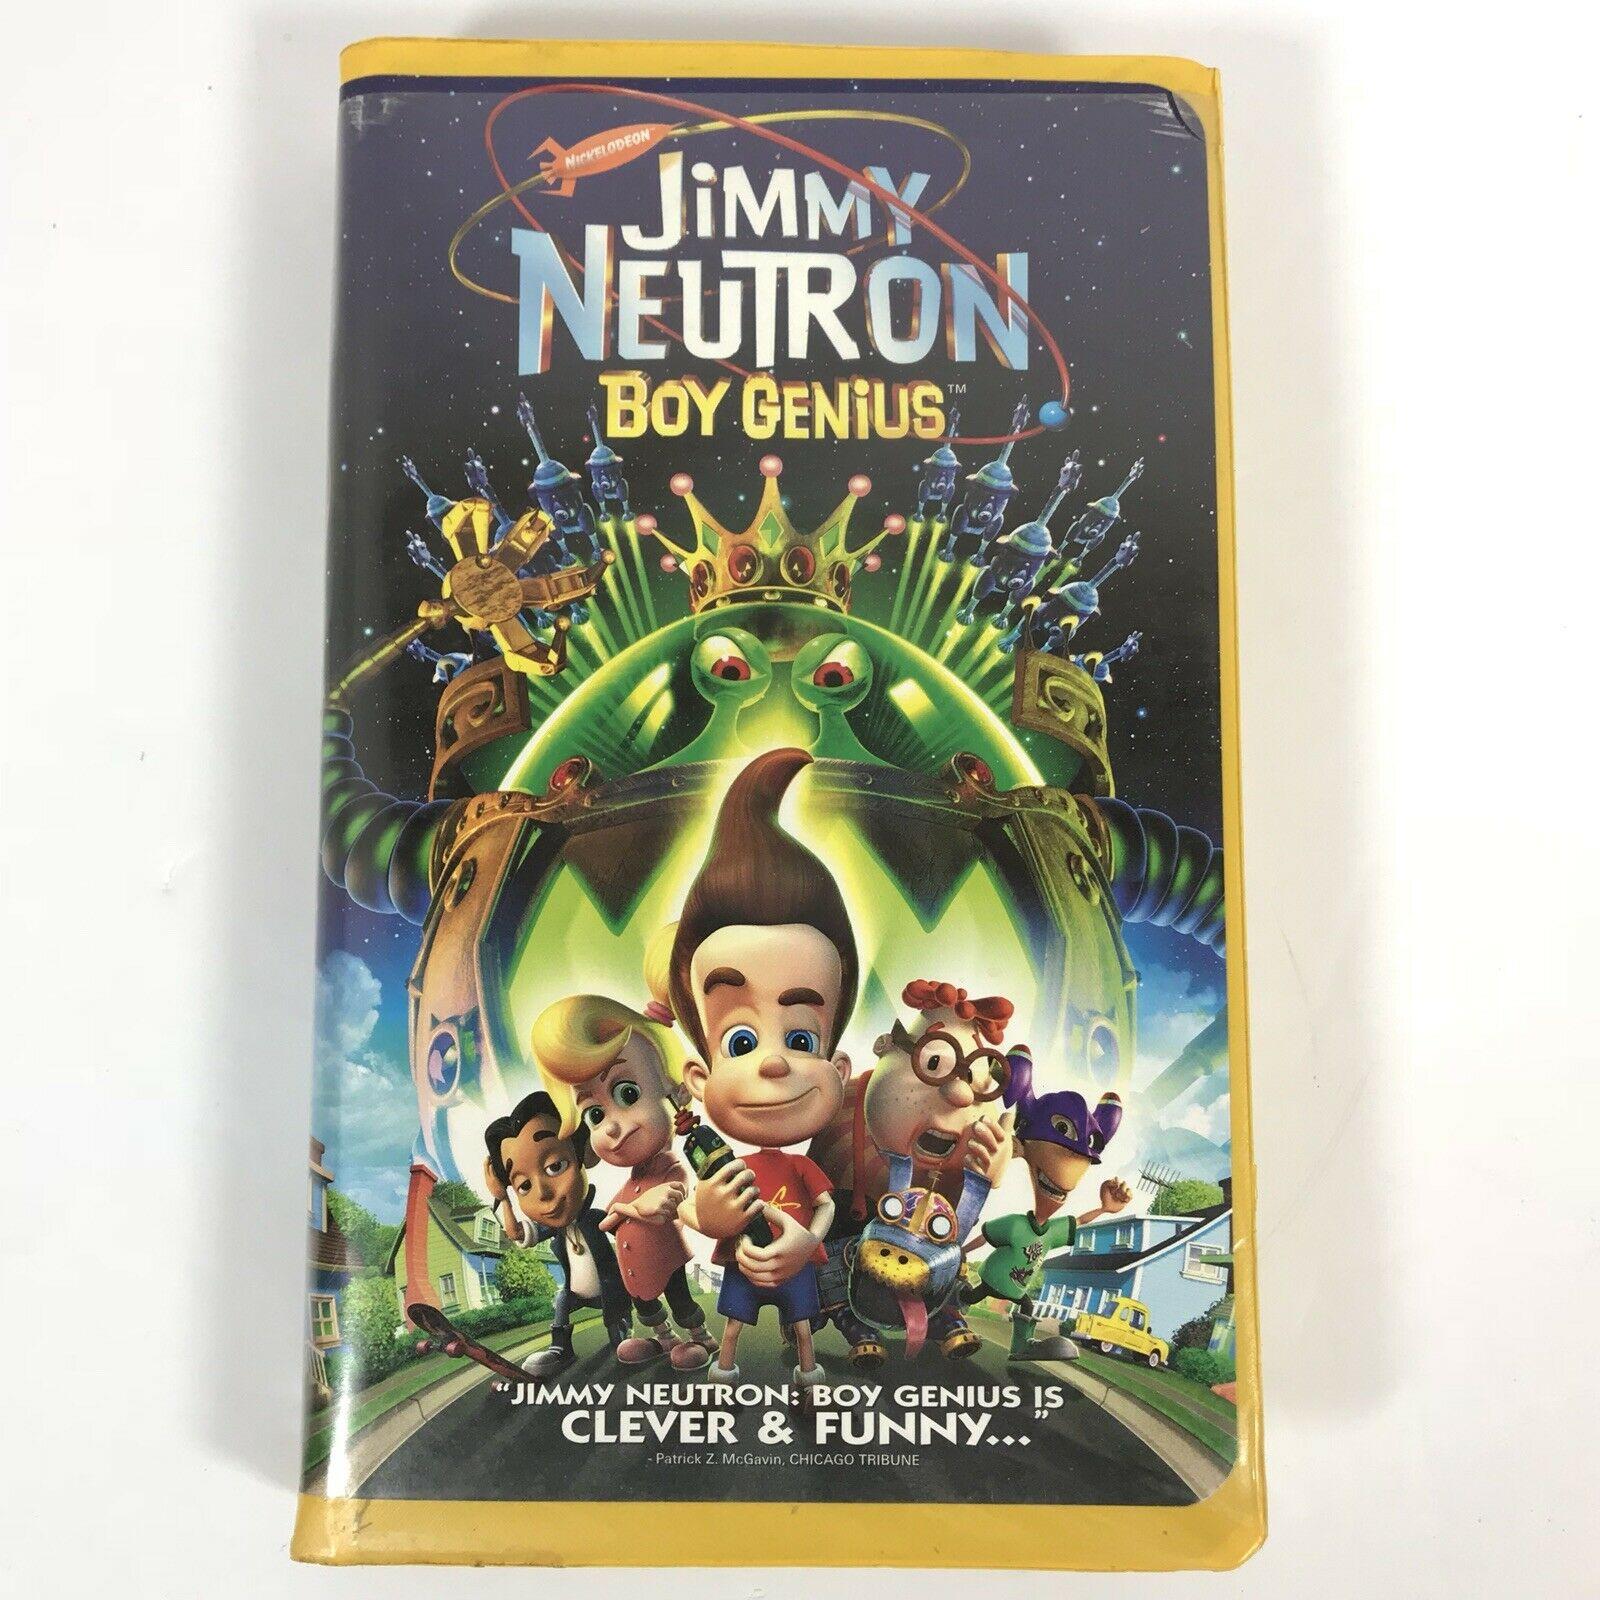 Jimmy Neutron: Boy Genius (2002 VHS)